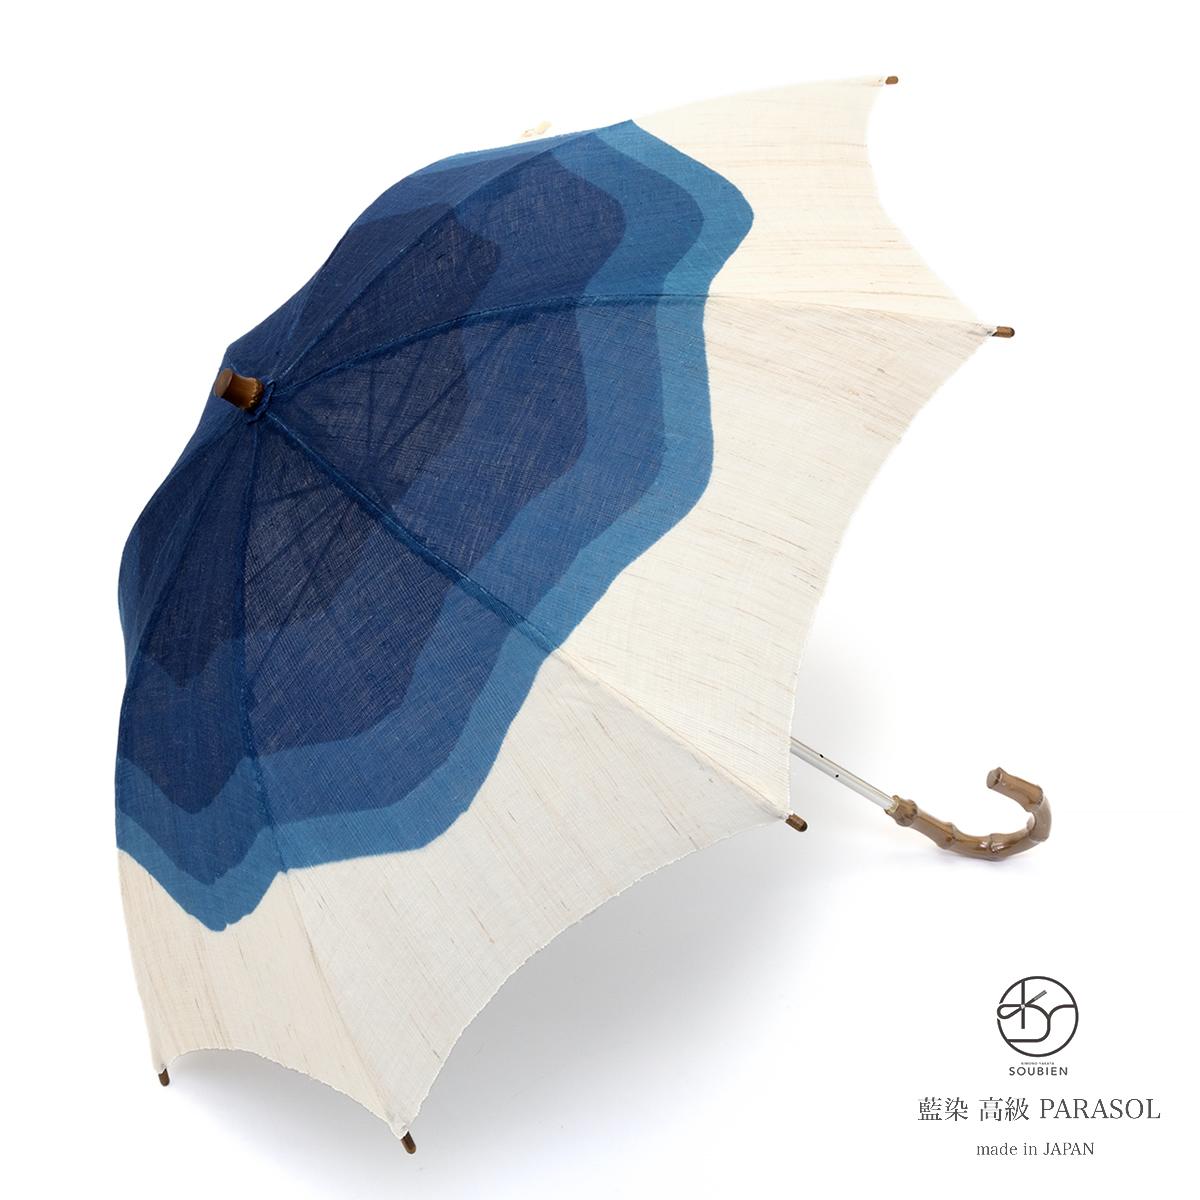 日傘 藍 インディゴブルー ネイビー 生成り 波 グラデーション 藍染 引染 麻 ひがさ 和装小物 便利小物 日本製【あす楽対応】【送料無料】